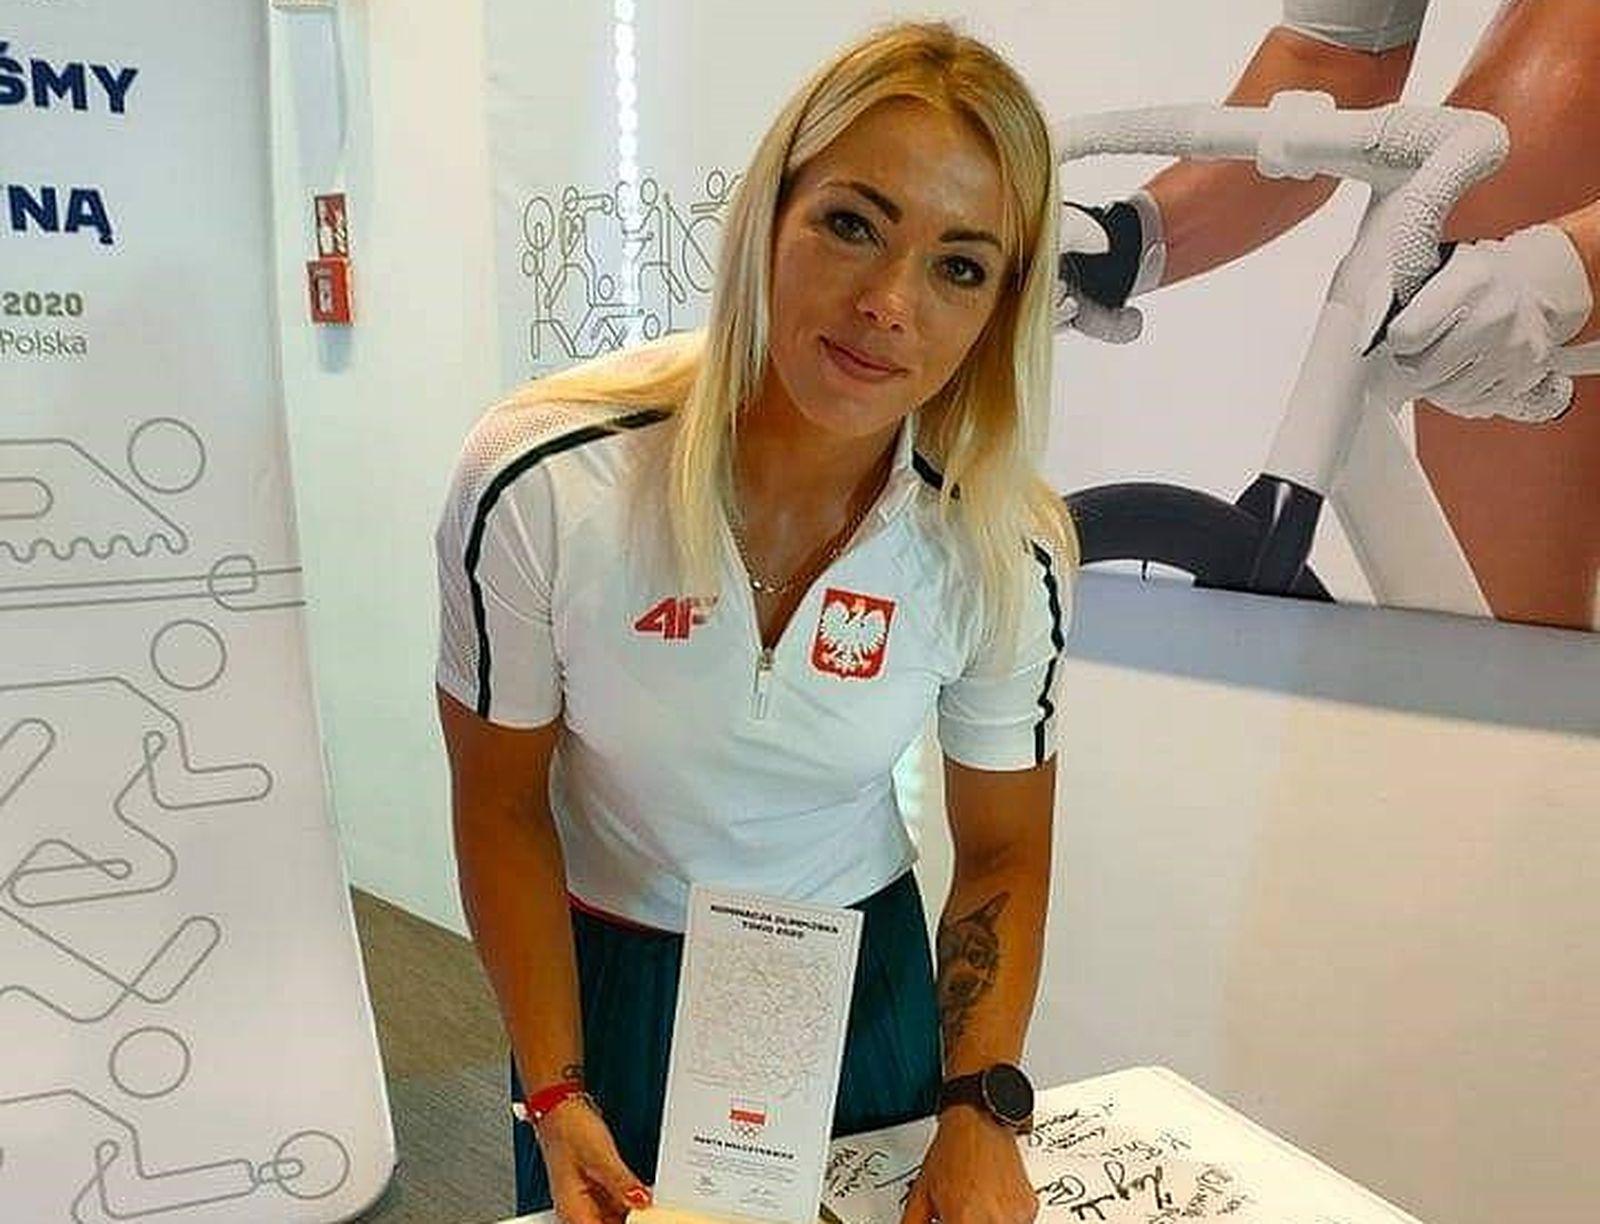 Marta Walczykiewicz z naszego regionu startuje na Igrzyskach Olimpijskich w Tokio - Zdjęcie główne